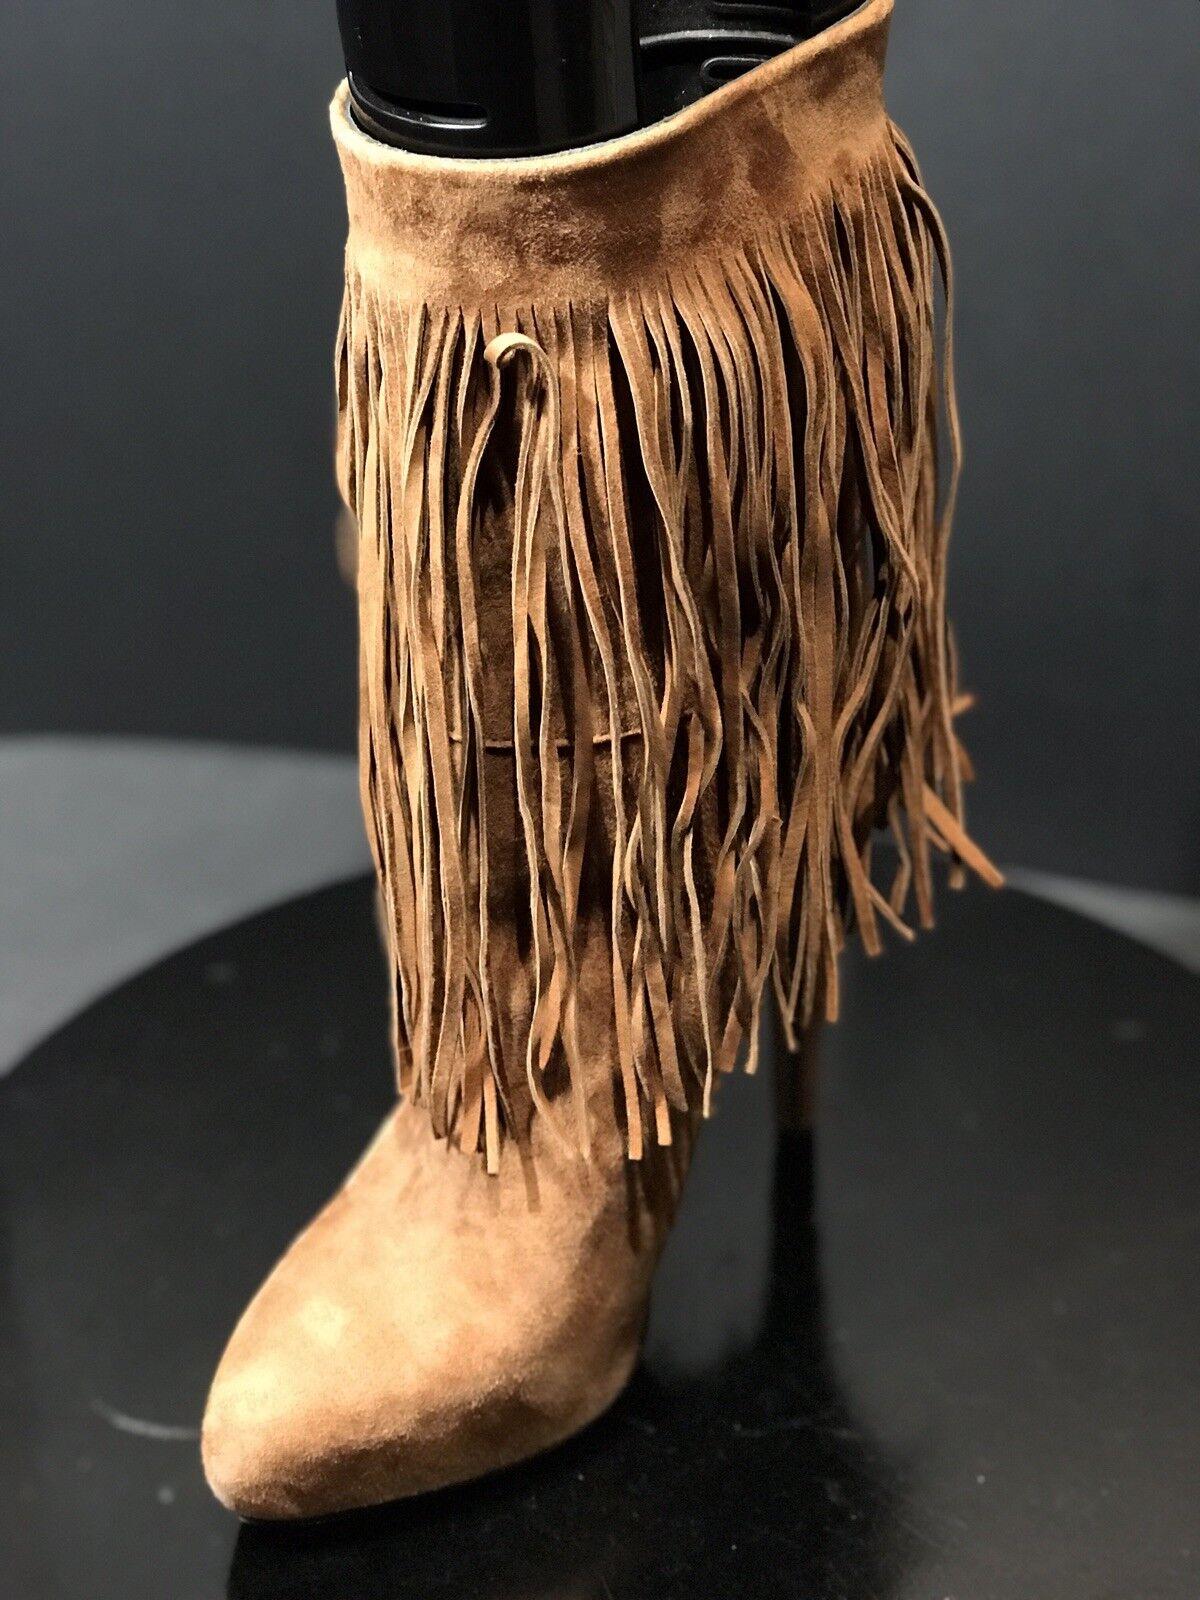 Massimo Matteo Matteo Matteo para Mujer Moda botas De Gamuza Marrón Flecos Cacau Talla 7 M  ventas en línea de venta